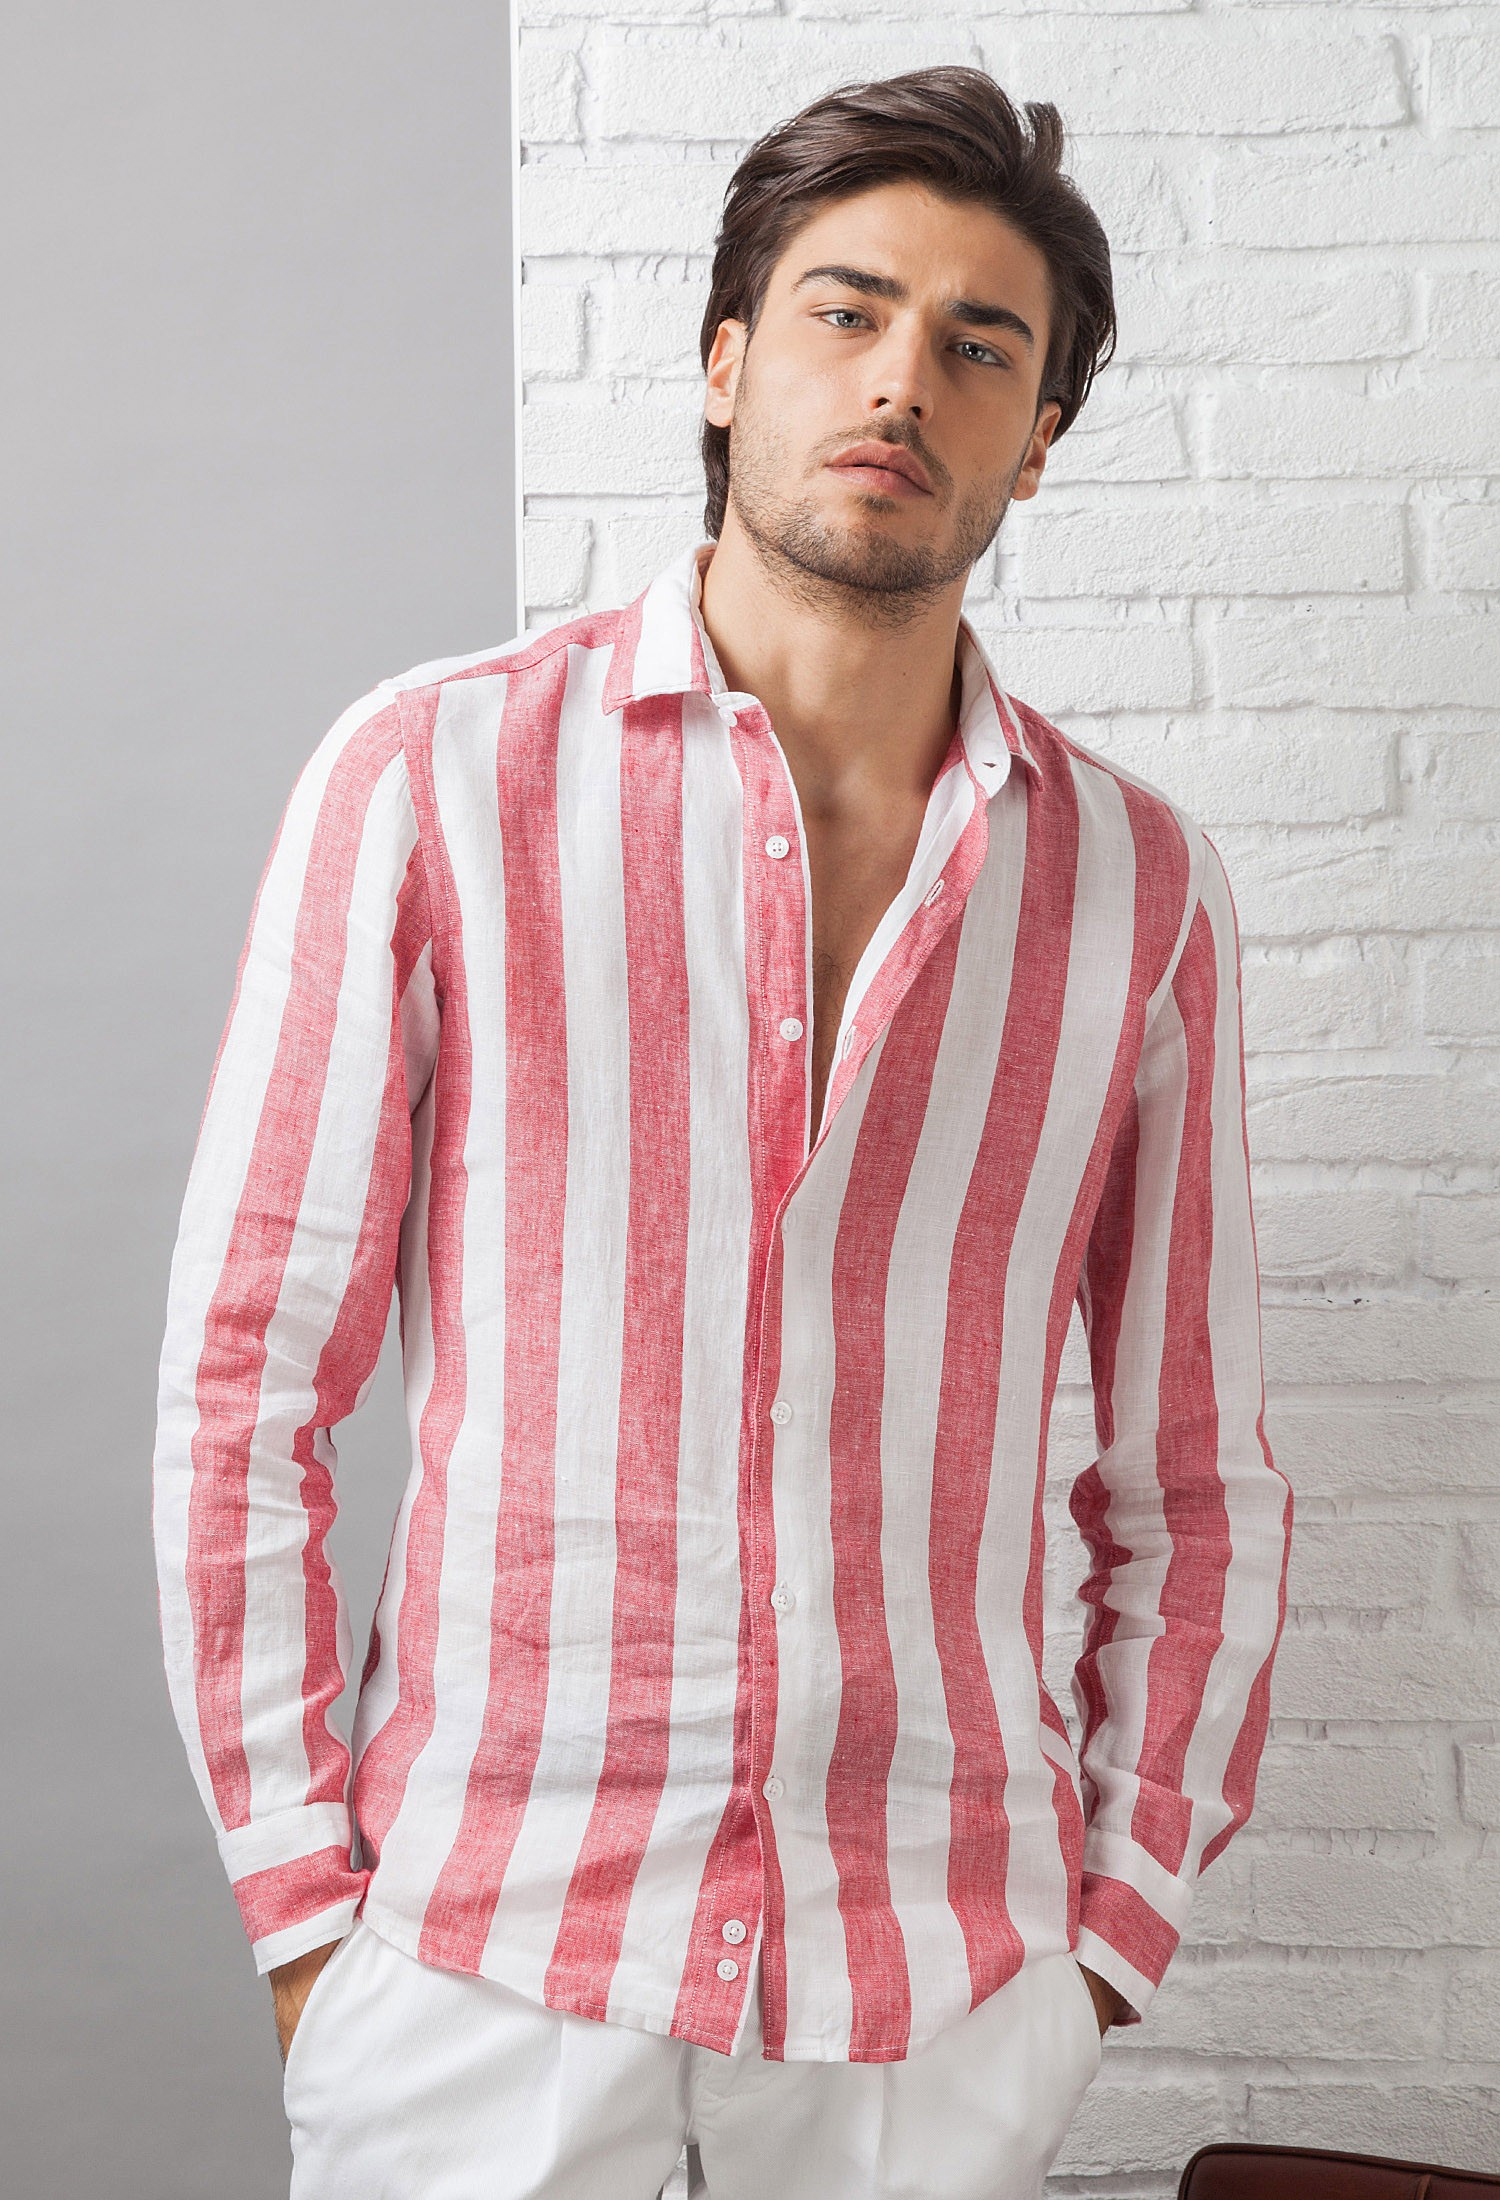 il più grande sconto qualità stabile alta moda Camicia uomo in Lino C650_CW Fradi - 70 - BIANCO/ROSSO RIGA LARGA